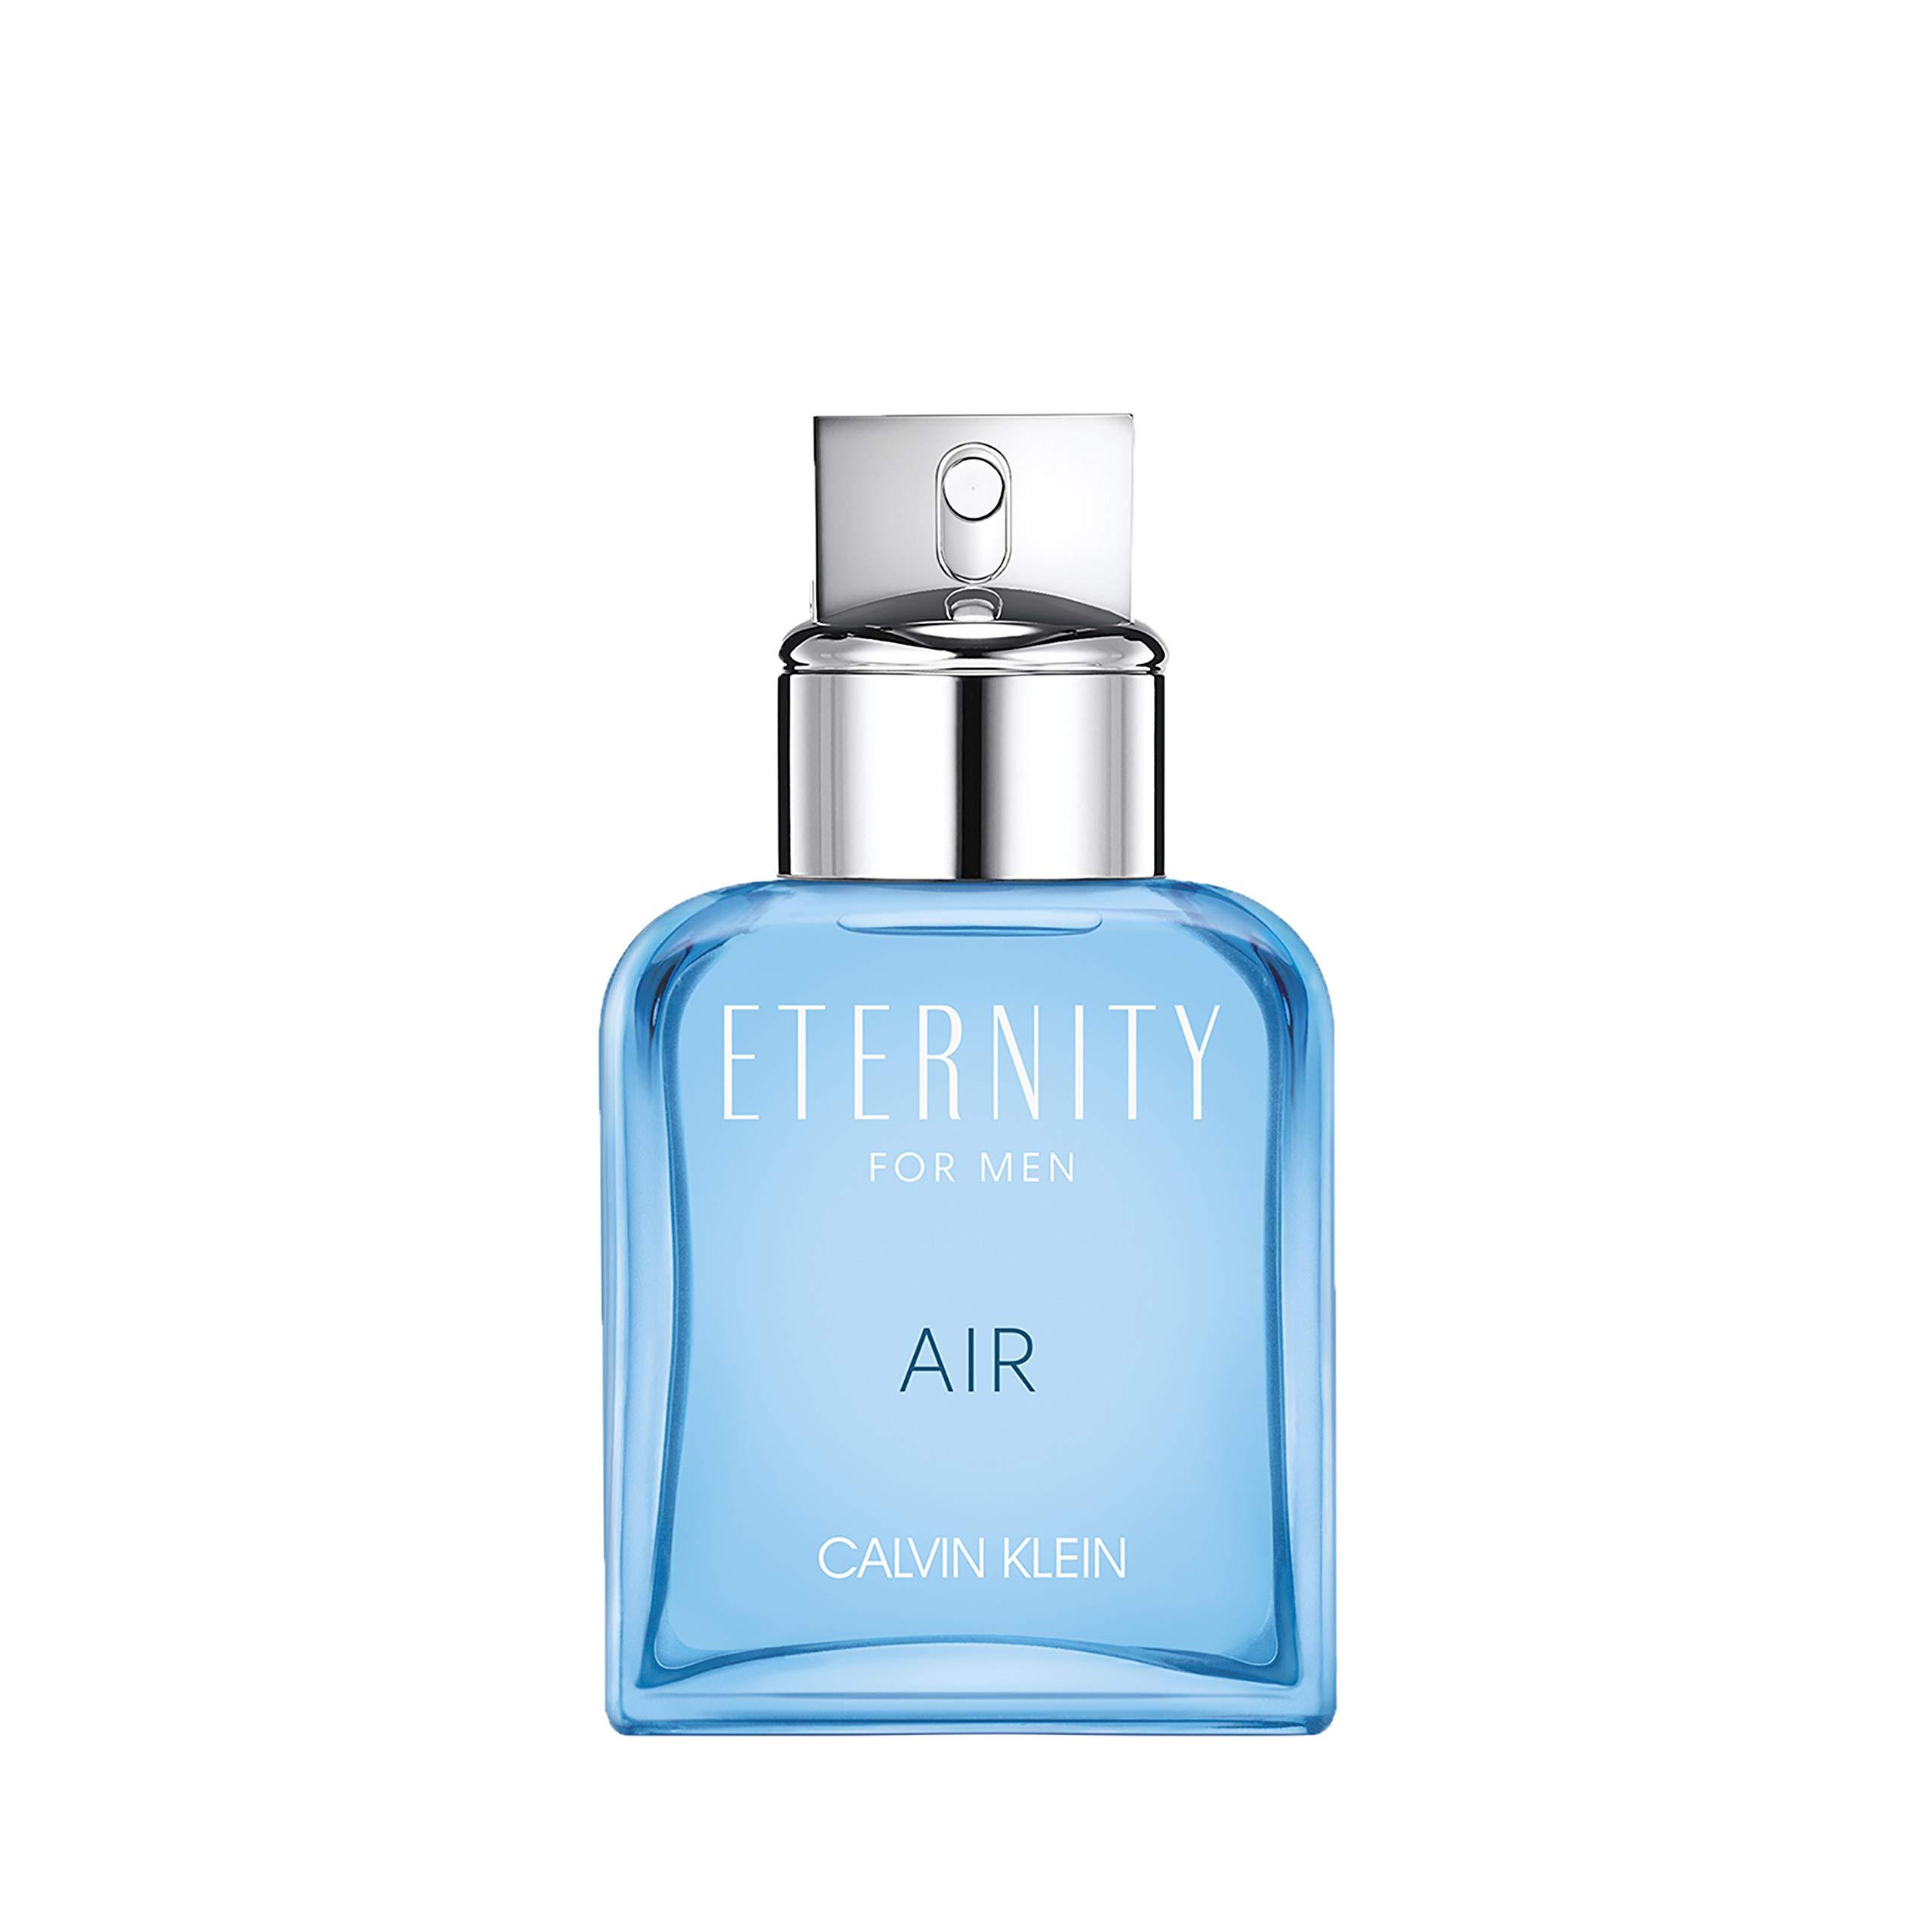 Calvin Klein Eternity Air For Men Eau De Toilette 1er Pack 1 X 50